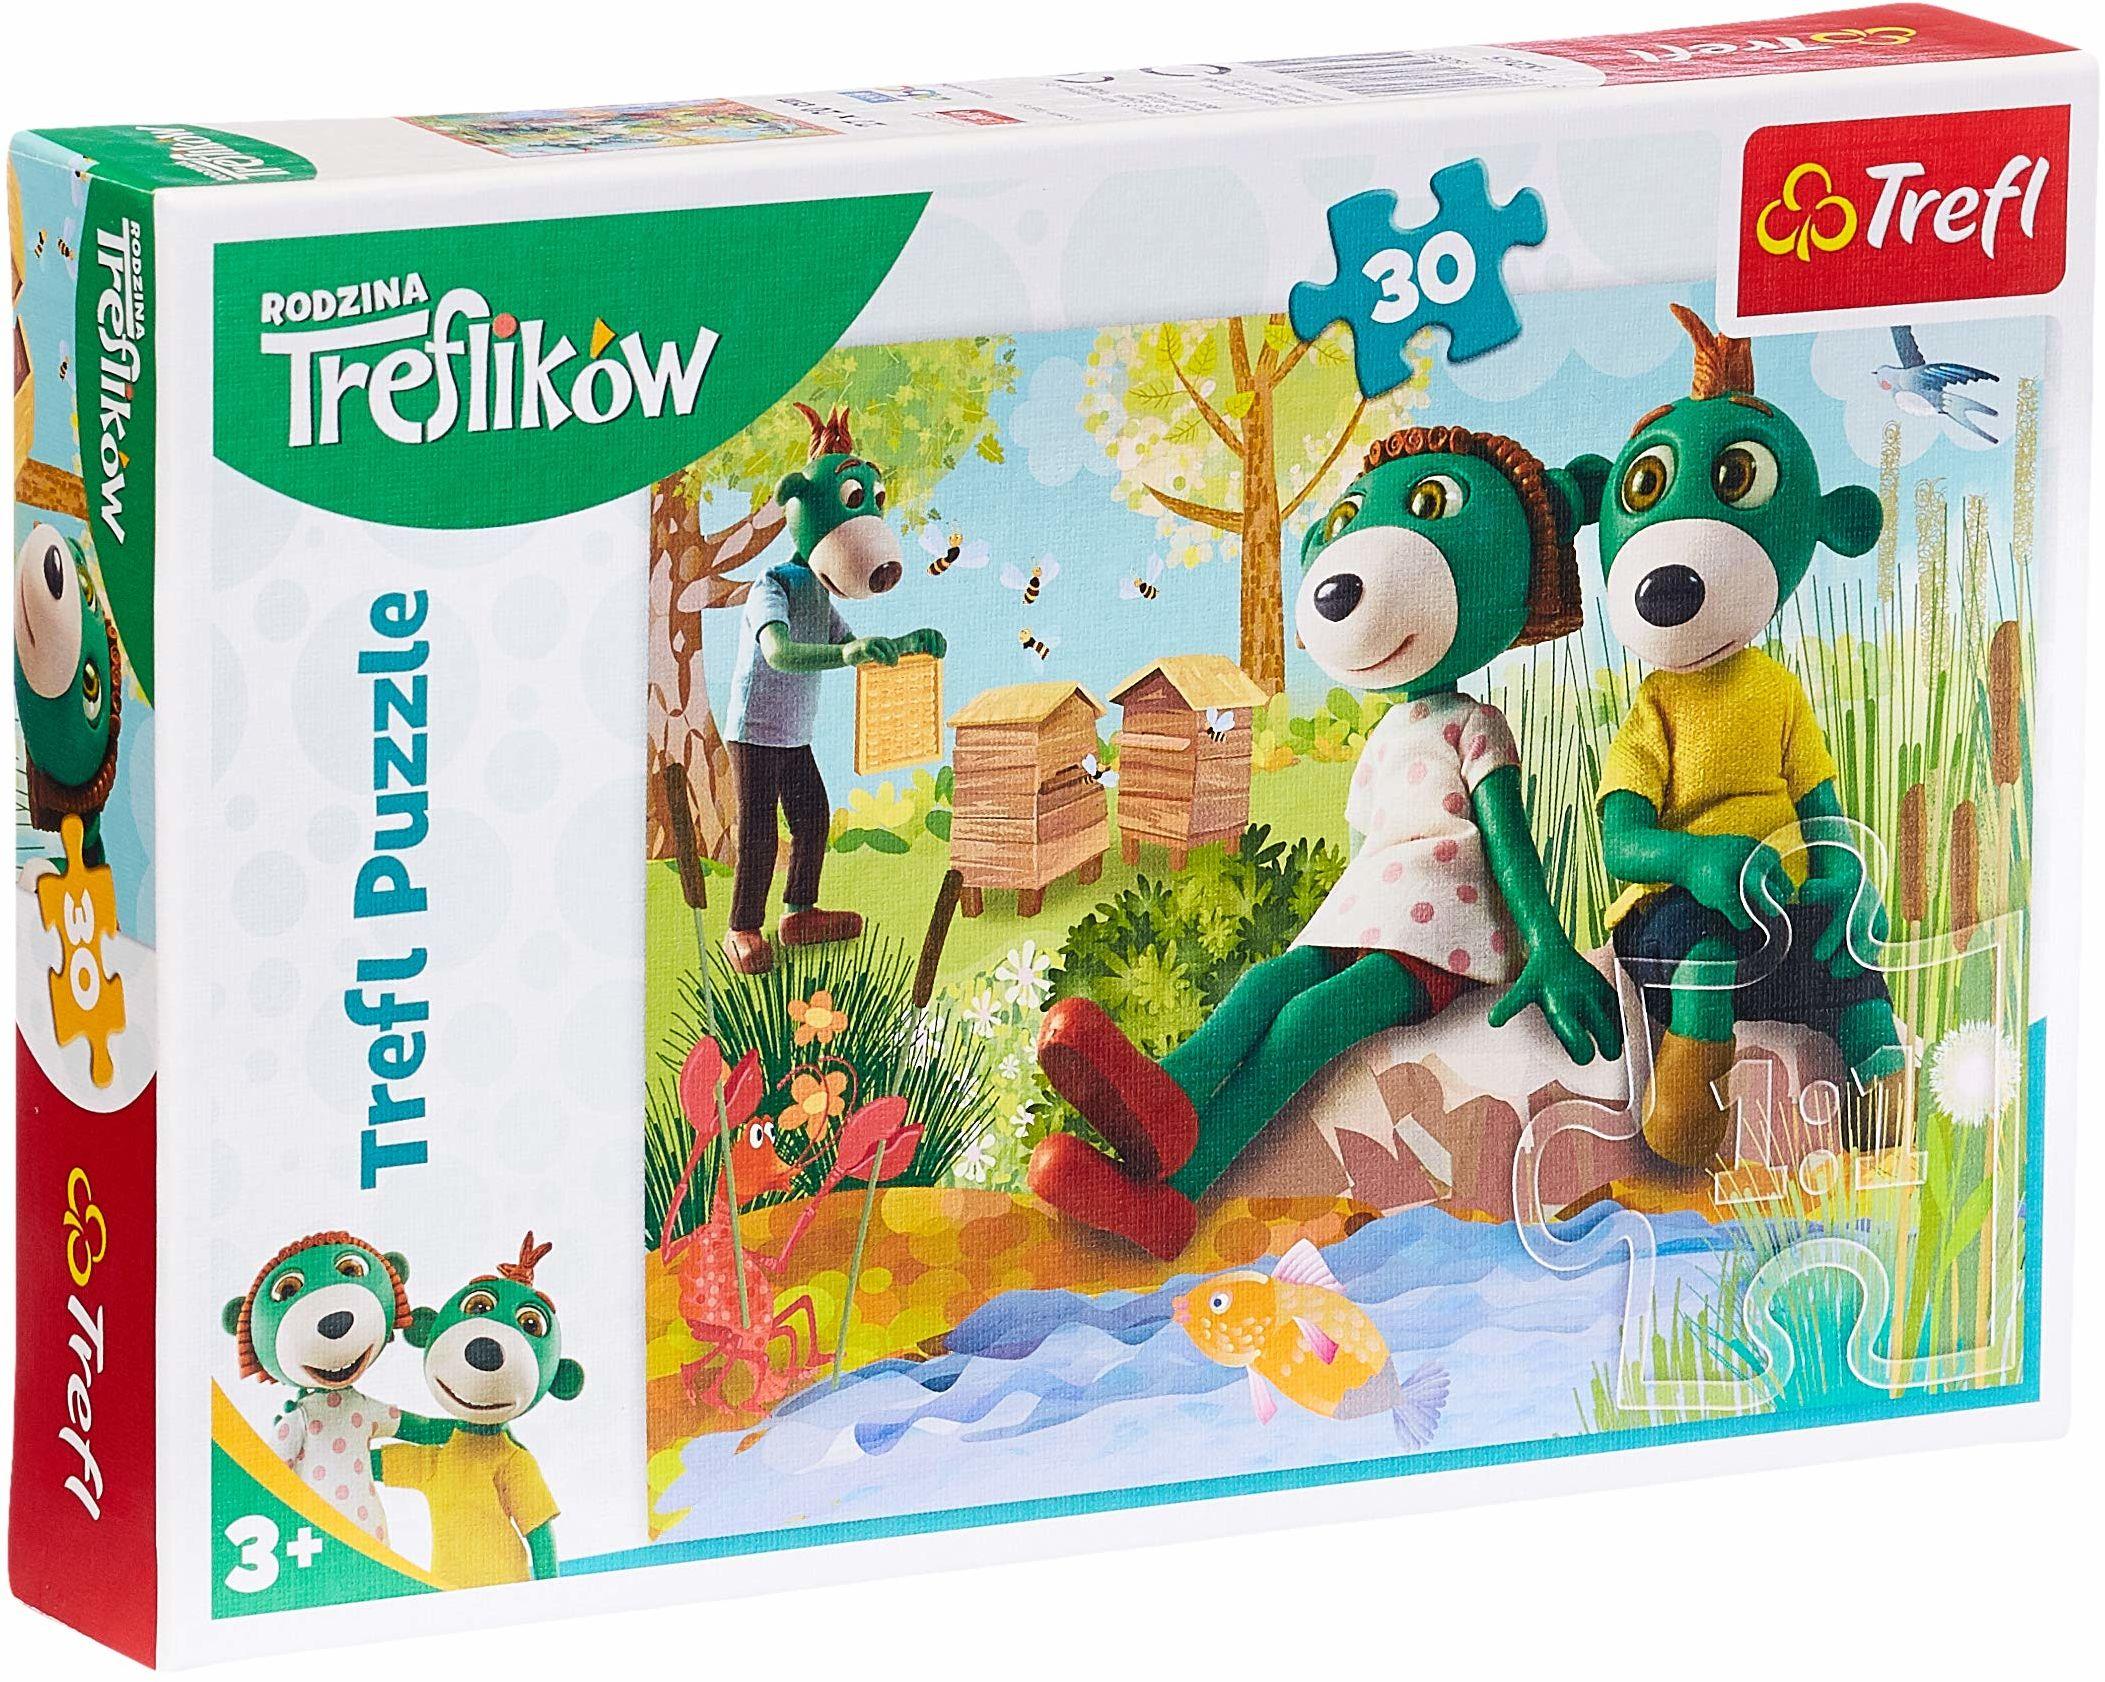 Trefl Trefliki Nad Stawem Puzzle 30 Elementów dla Dzieci od 3 lat z Bohaterami Bajki Rodzina Treflików